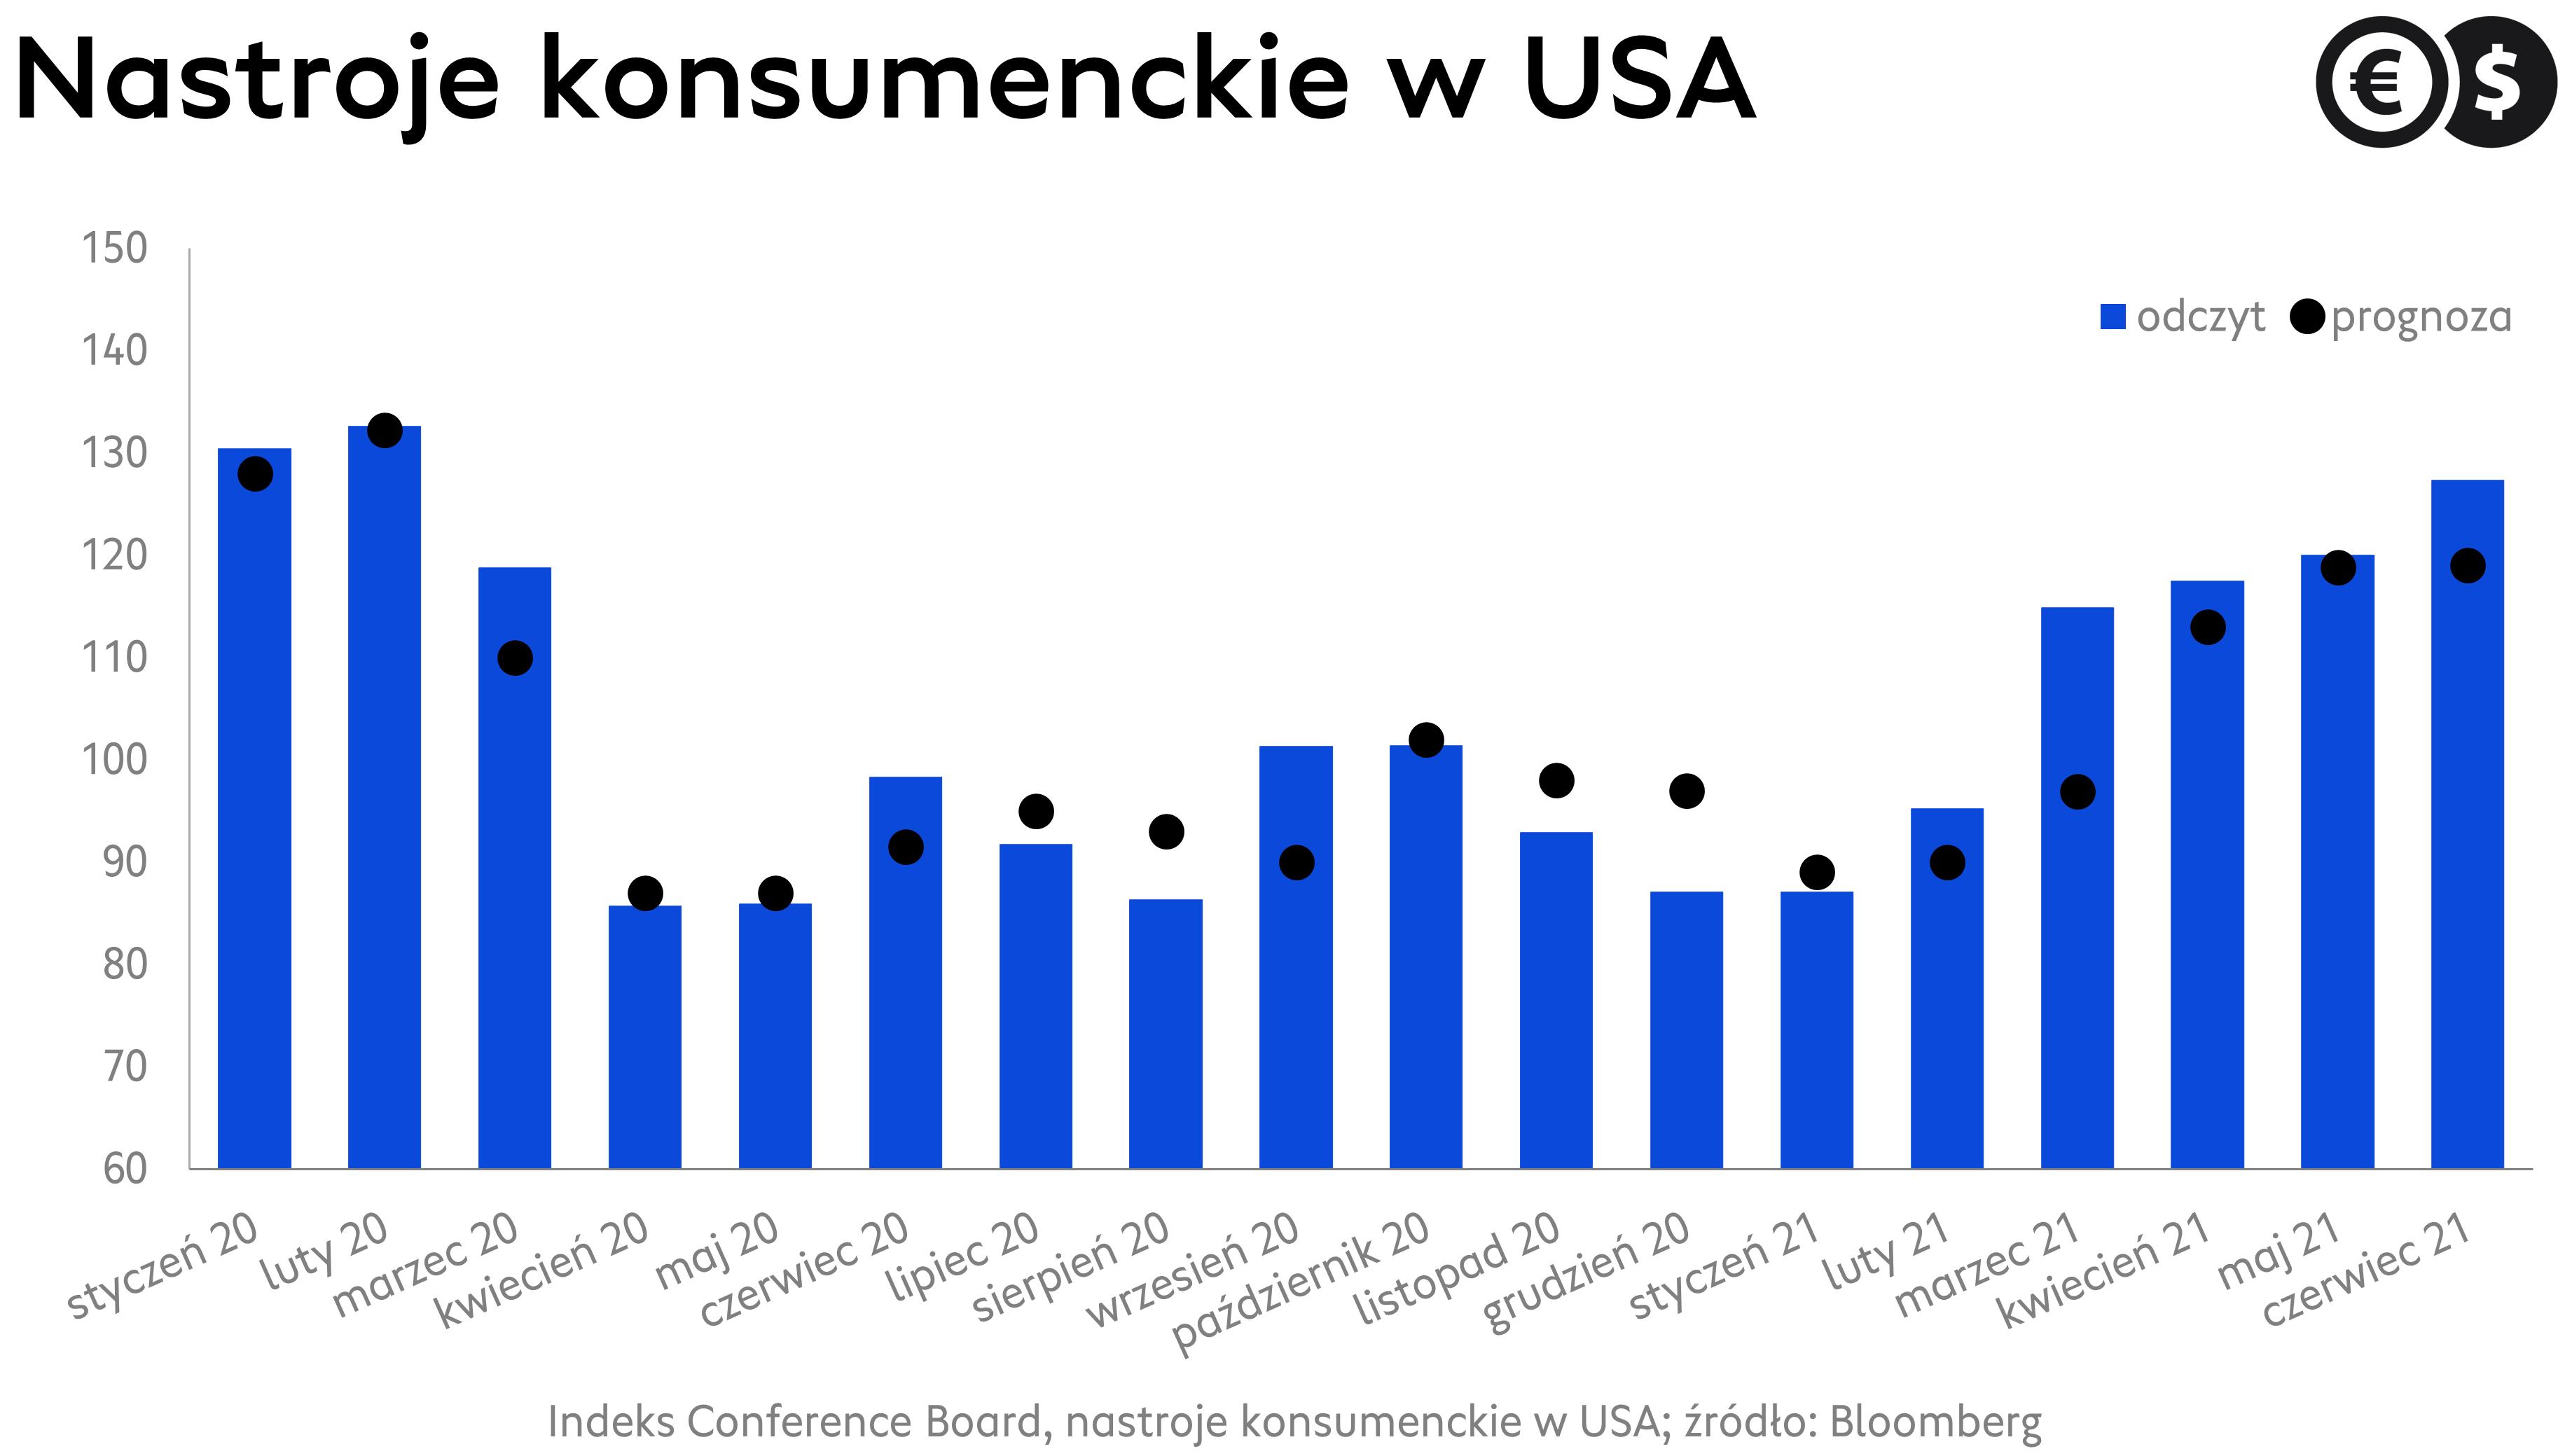 Nastroje konsumenckie w USA, indeks Conference Board; źródło: Bloomberg